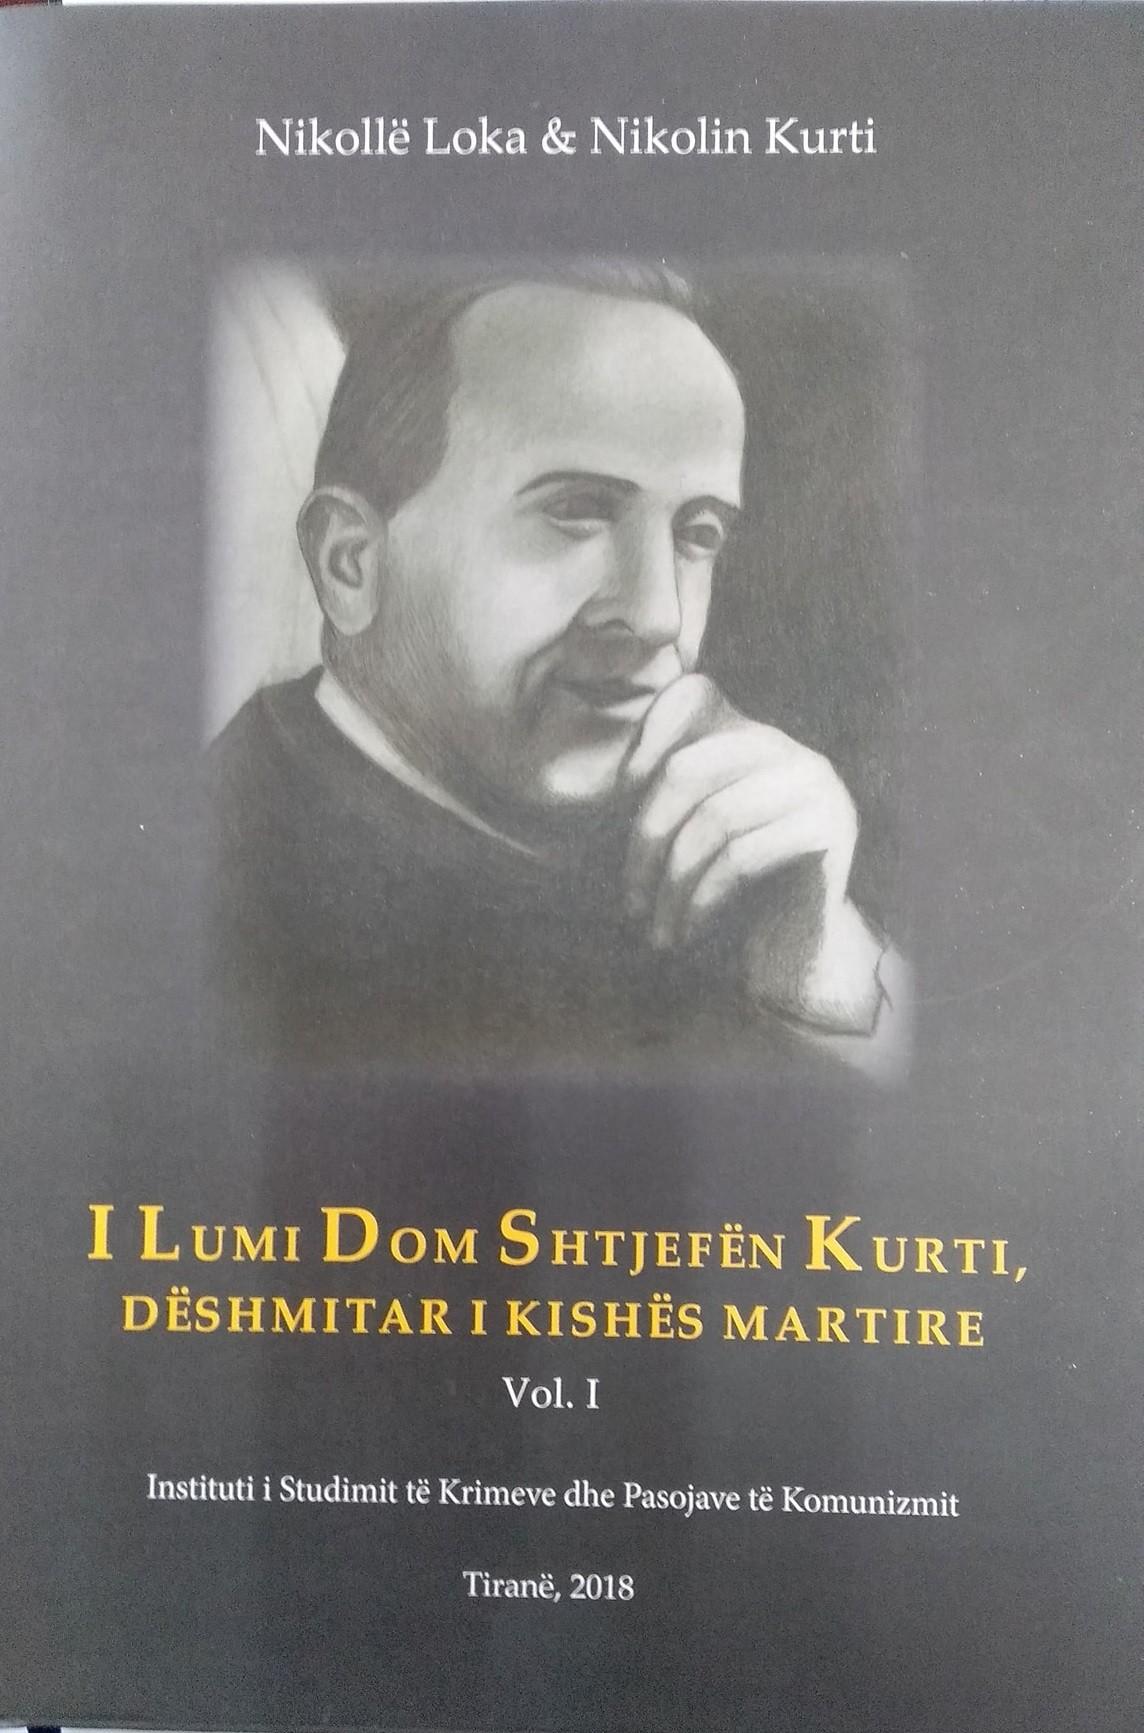 I lumi Dom Shtjefën Kurti, dëshmitar i Kishës Martire